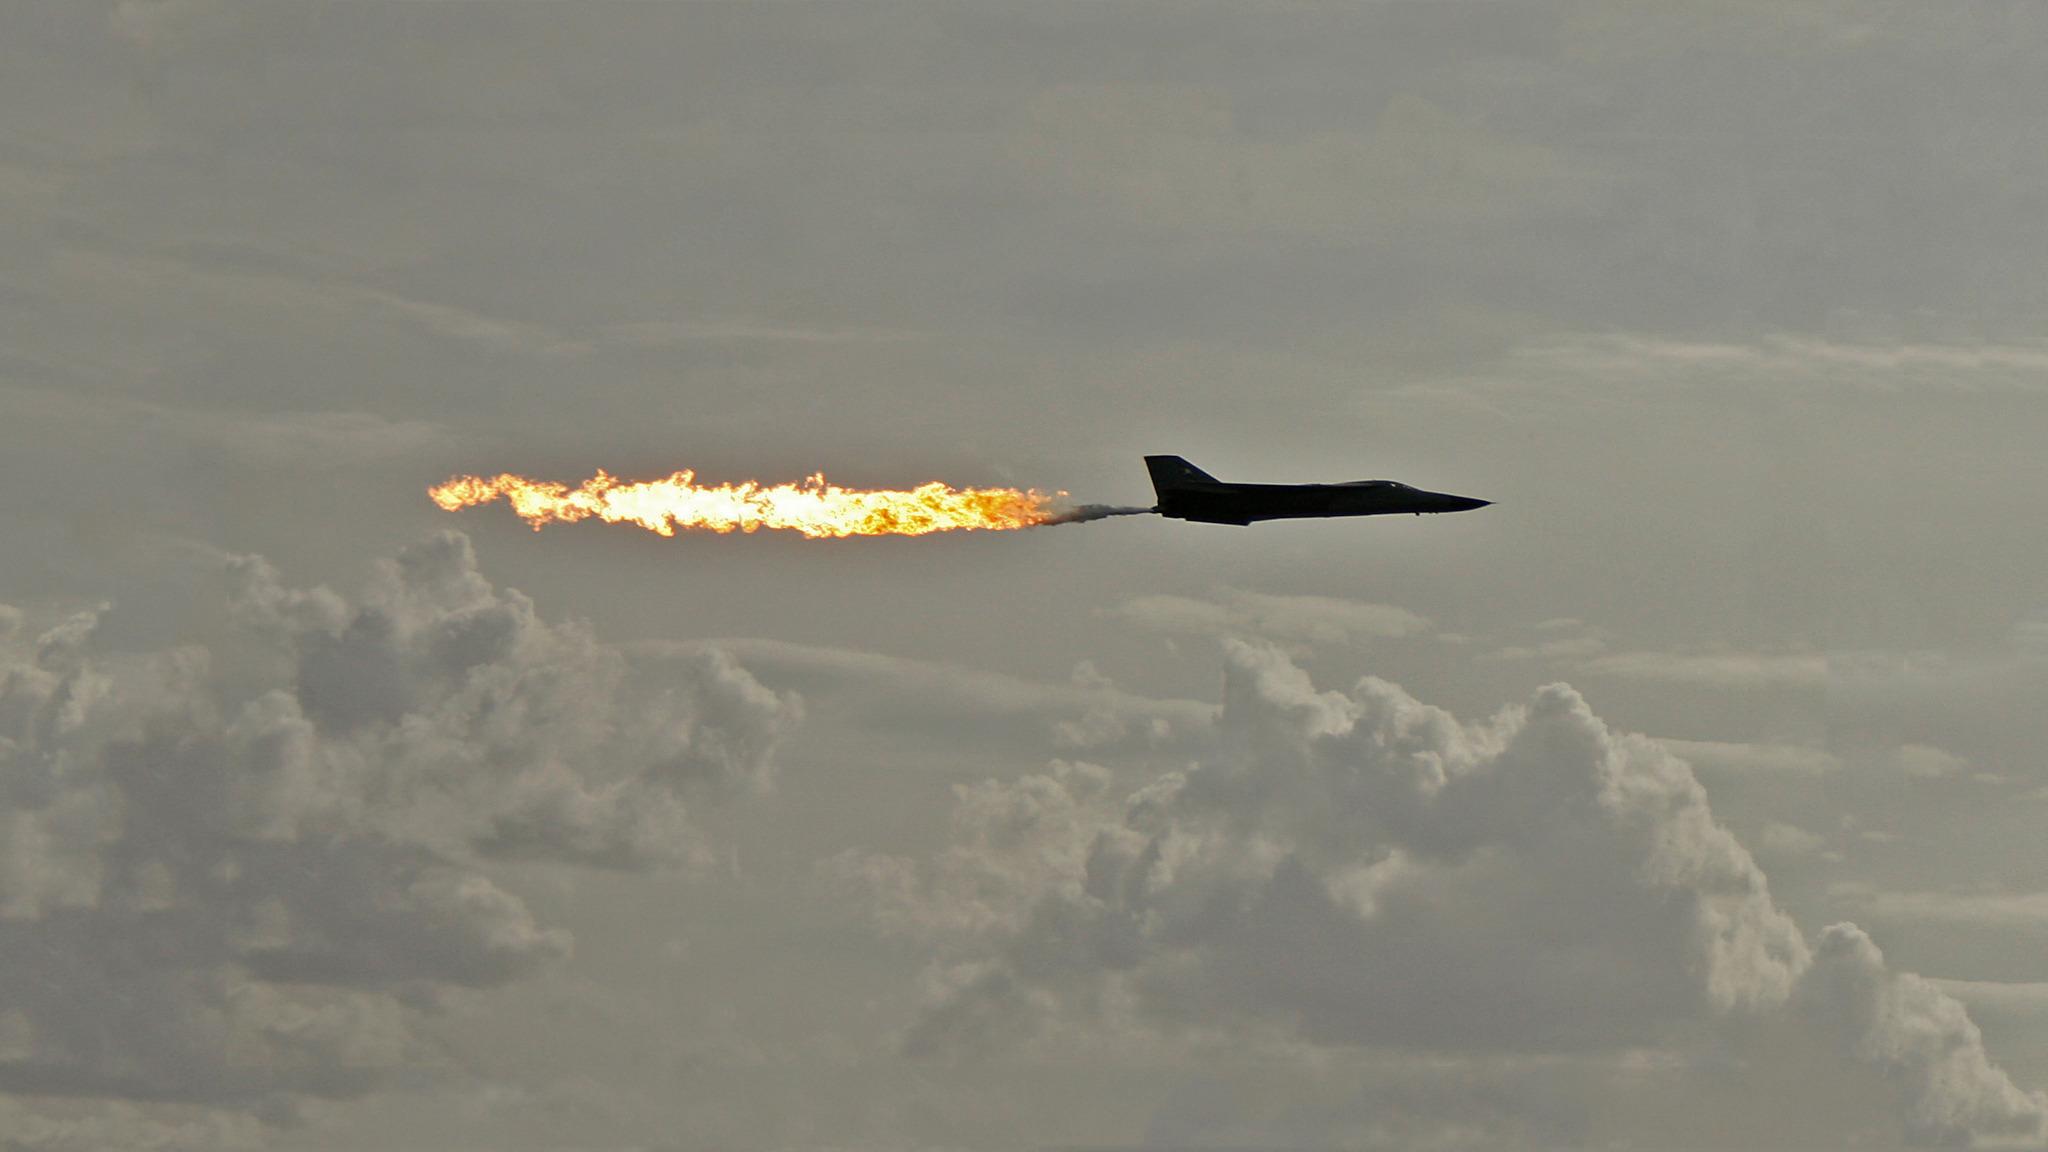 Искры, полет, огонь, вертолет, небо, самолет  № 3748983 загрузить